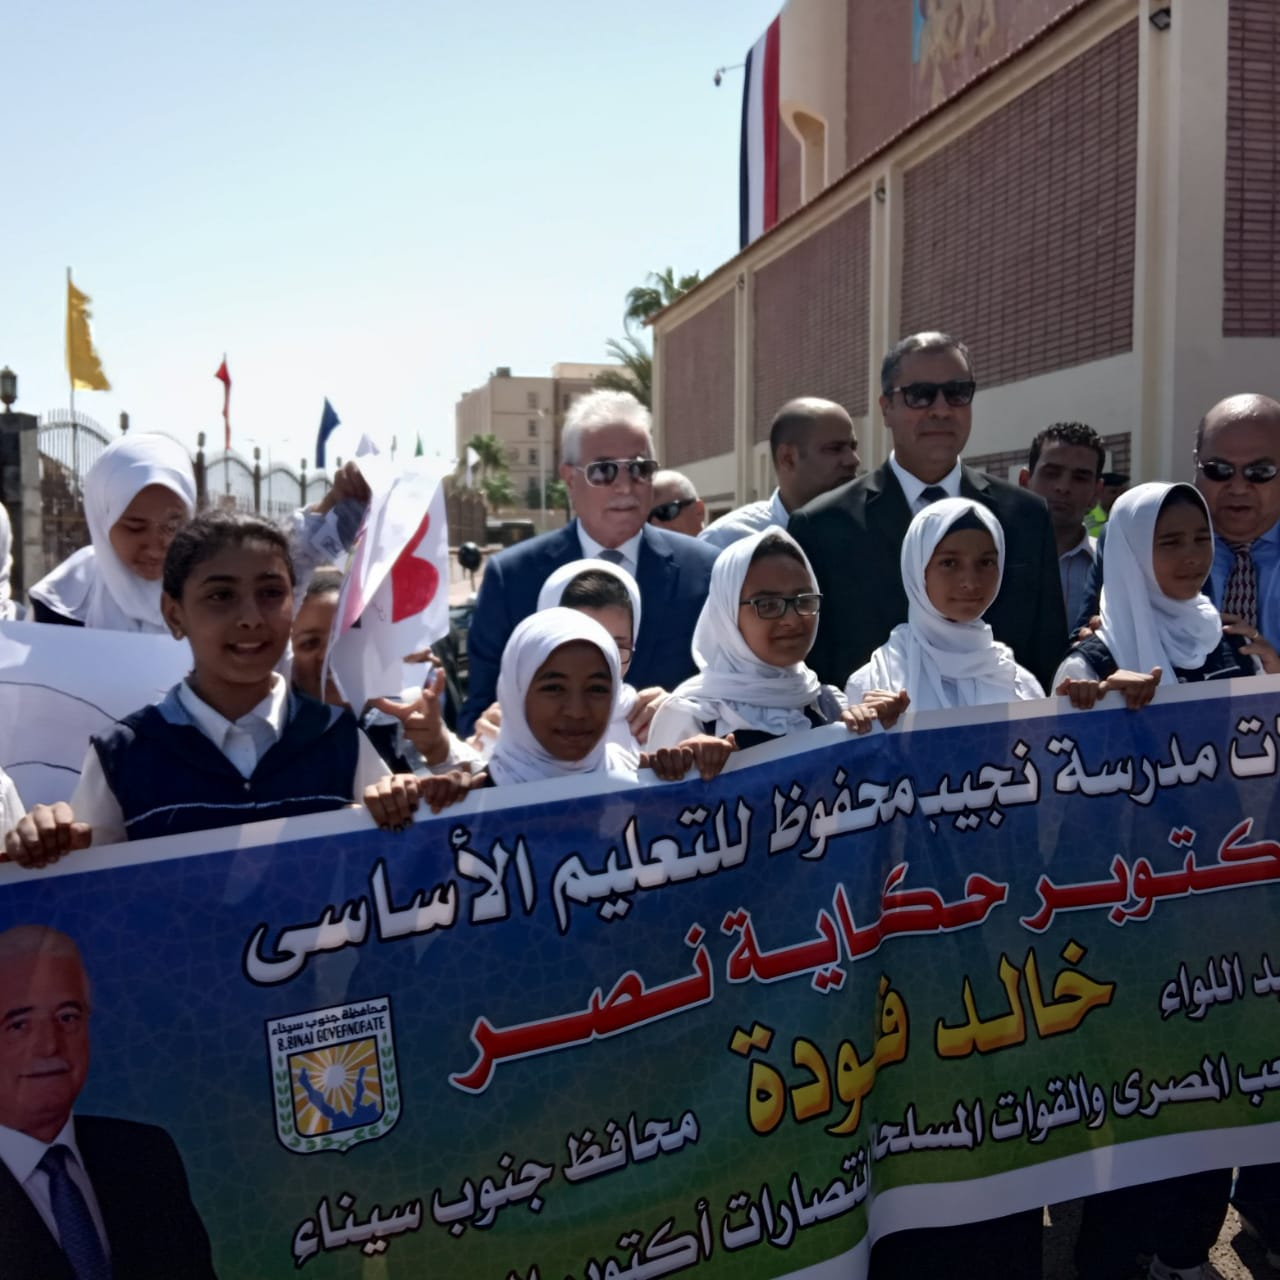 محافظ جنوب سيناء ومدير الأمن  يضعان إكيلا من الزهور (7)